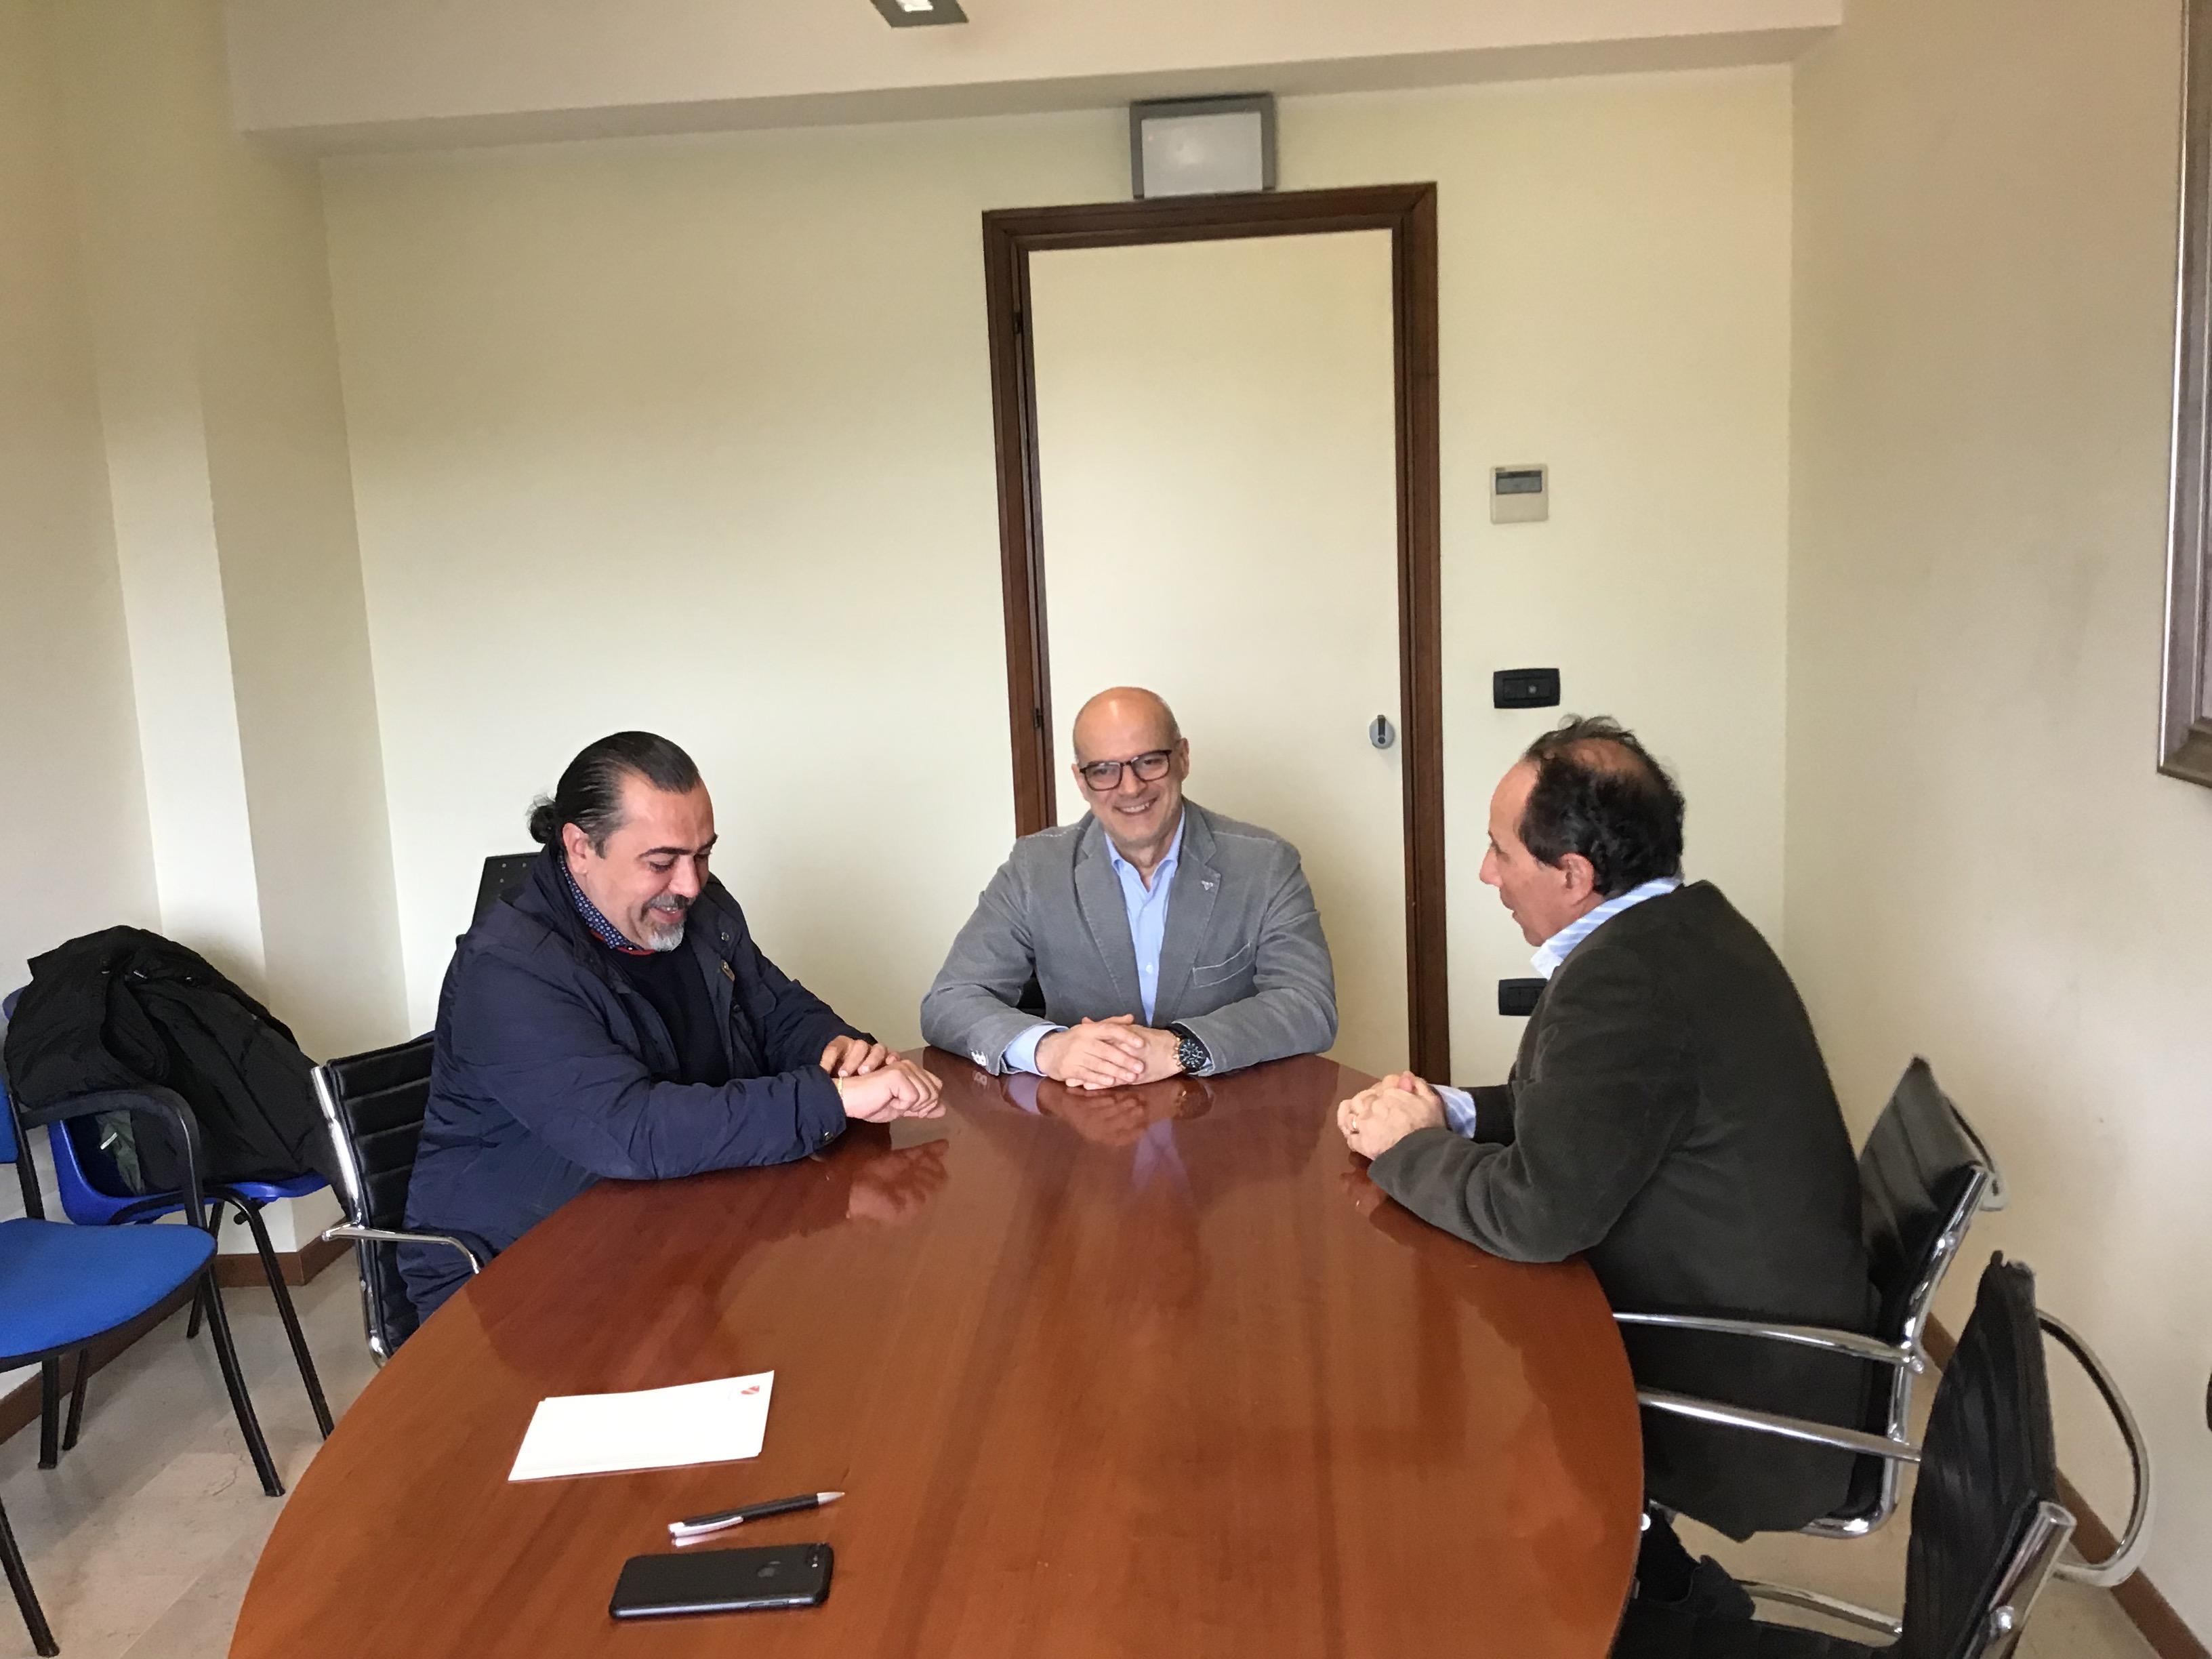 Fondi per l'editoria, i consiglieri dell'Odg Molise Lupo e Bertoni incontrano il governatore Toma. A breve lo sblocco dei fondi della legge regionale 11/2015.